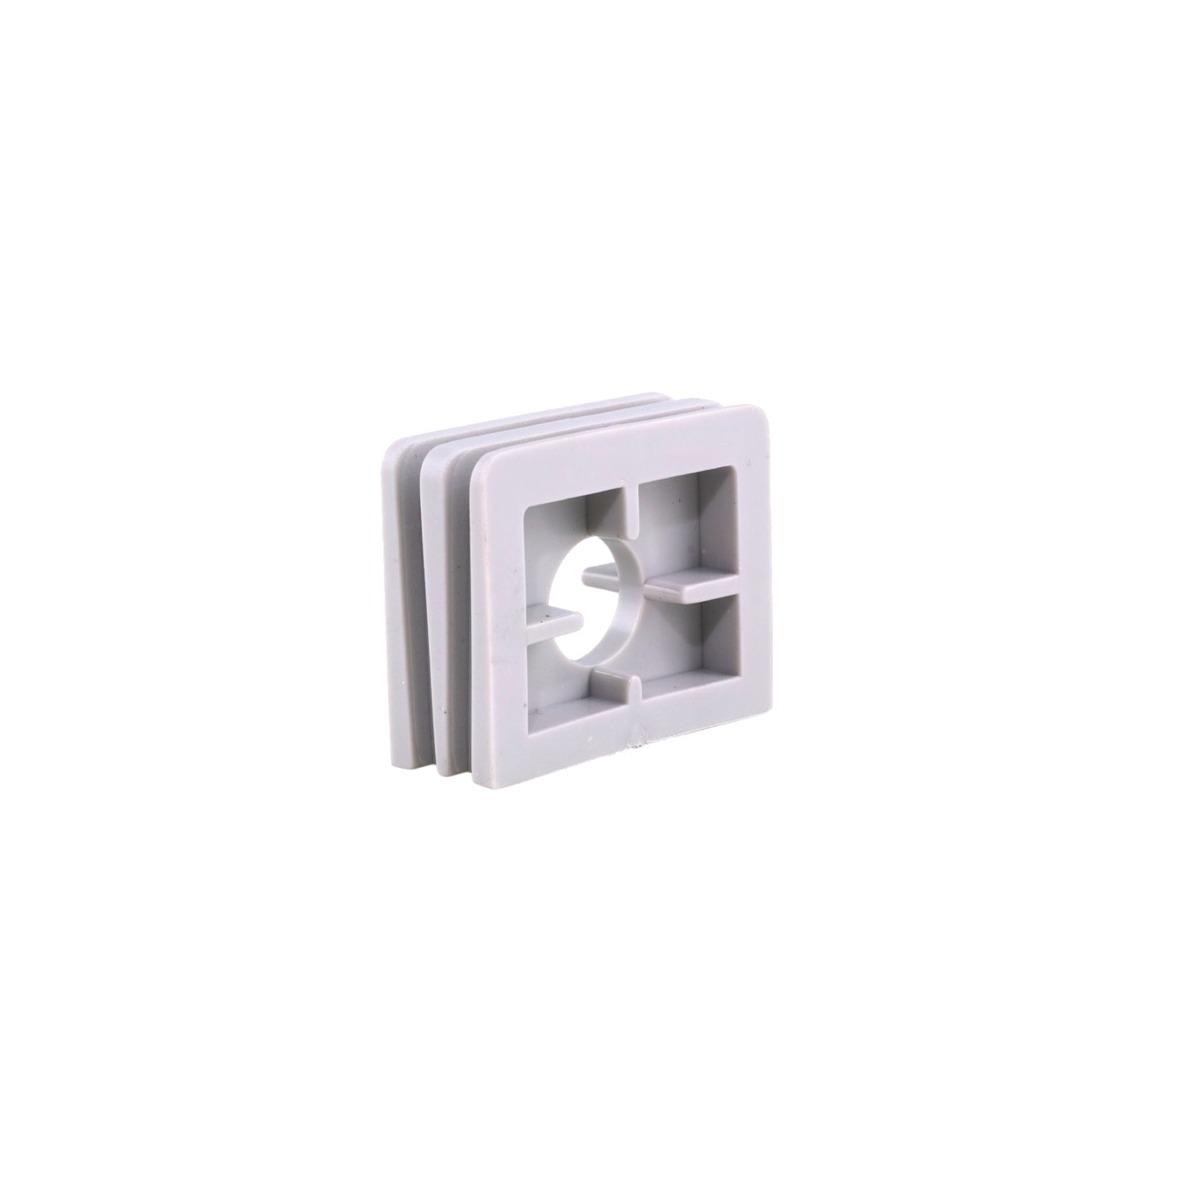 Feuchtraum-Aufputz-Schalter-Namensschild-Serie-Aufbau-Aussen-Steckdose-IP54-230V